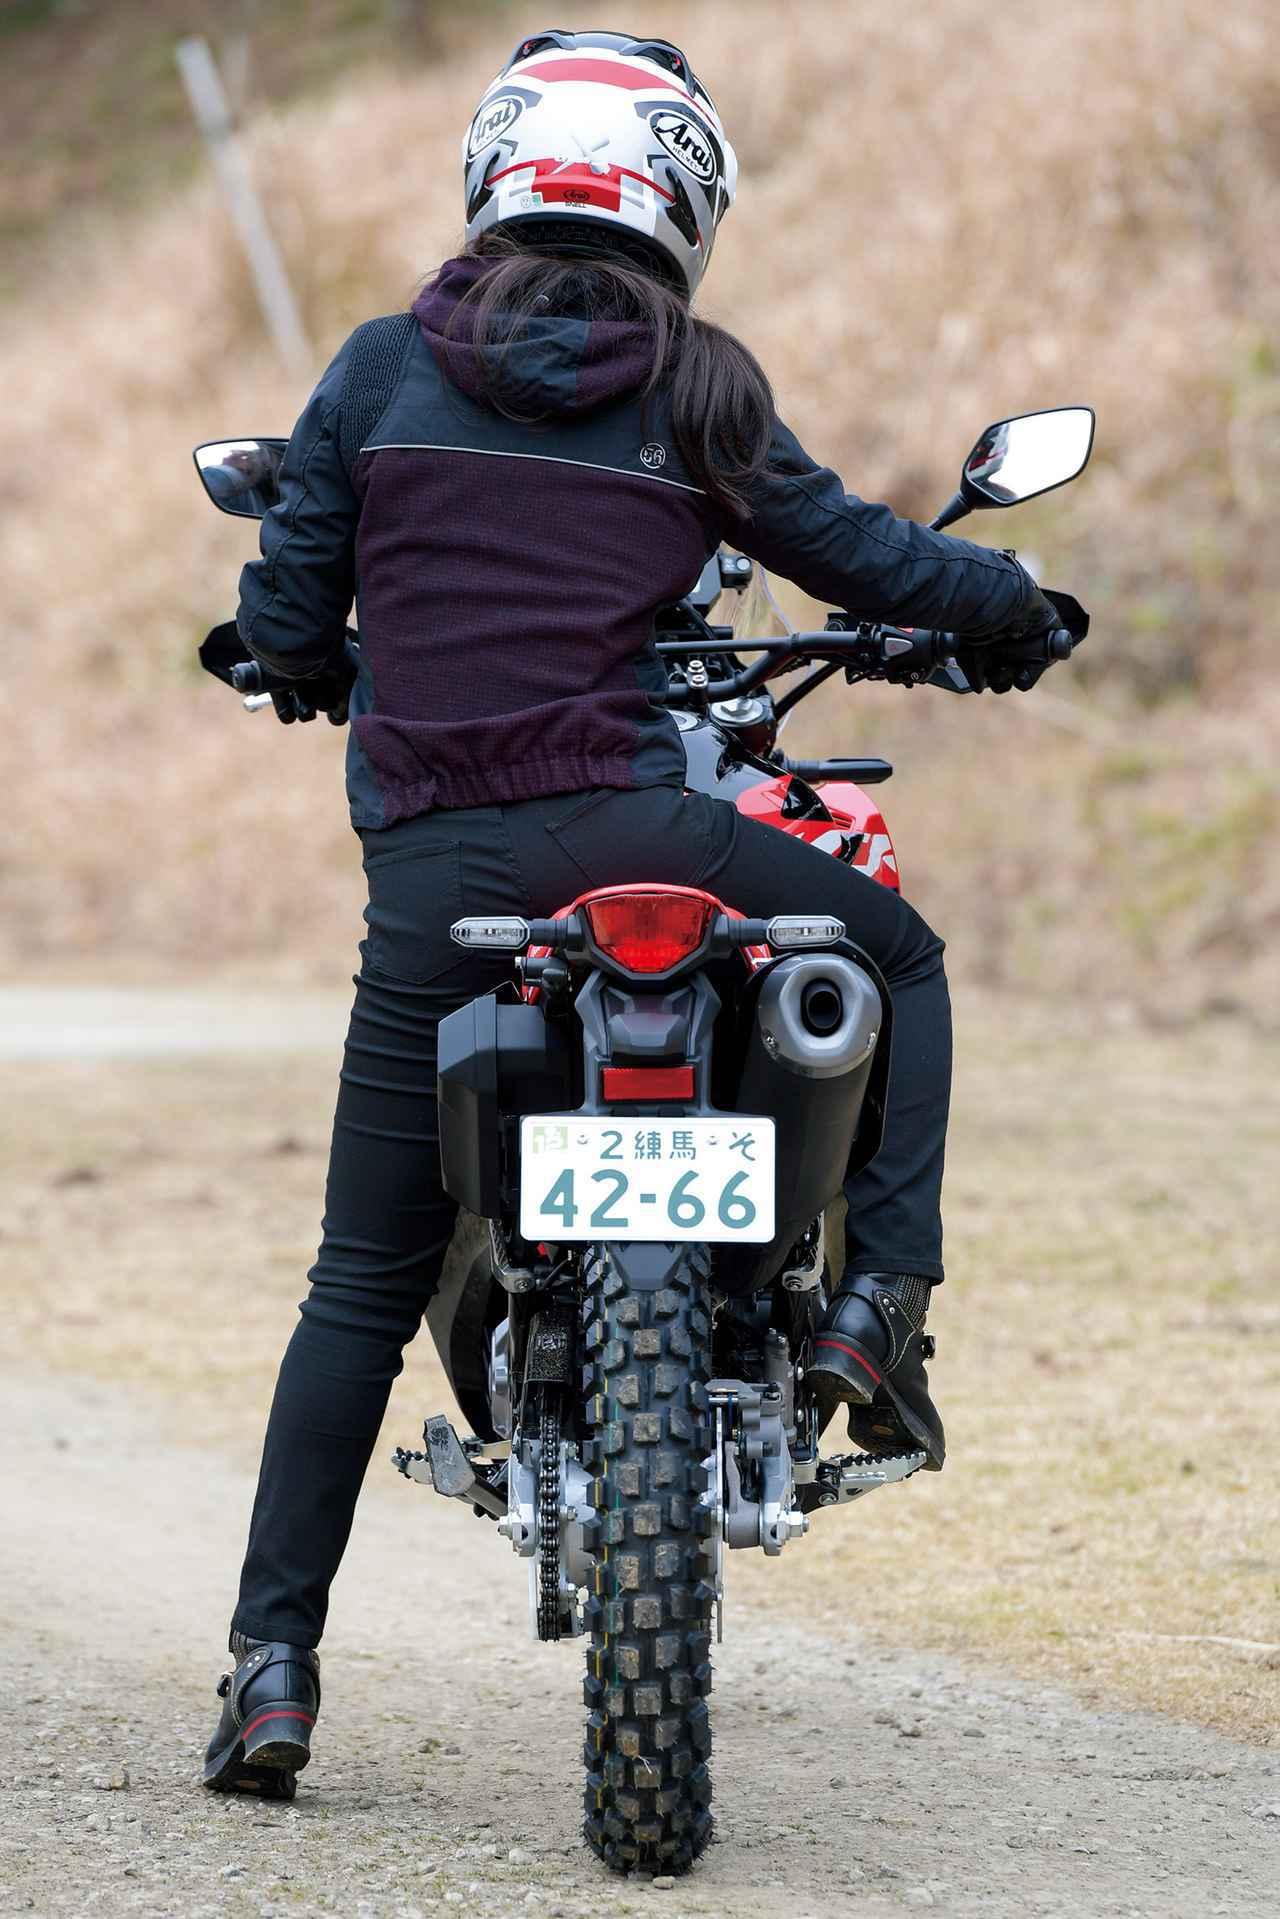 画像2: 250ccアドベンチャー&オフロードバイクを徹底比較|ホンダ・スズキ・カワサキの計5機種を比べてみた(2021年)